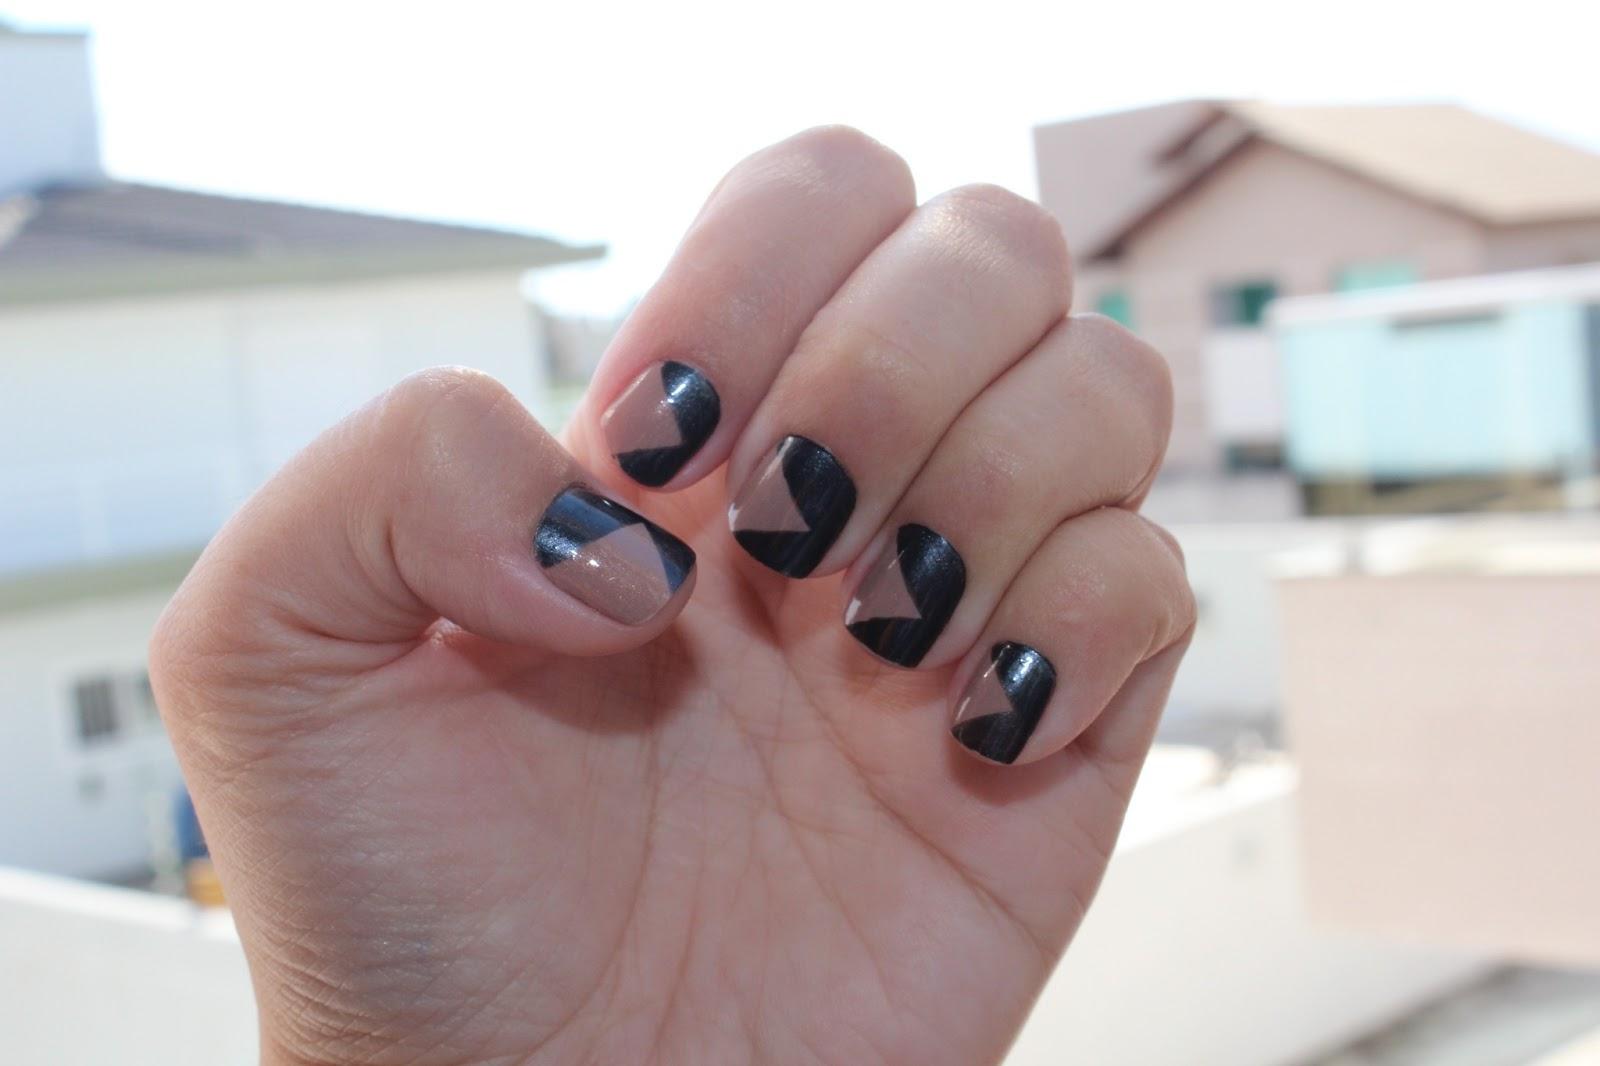 Aii, que Abuso!! : Nails Duo da Risque